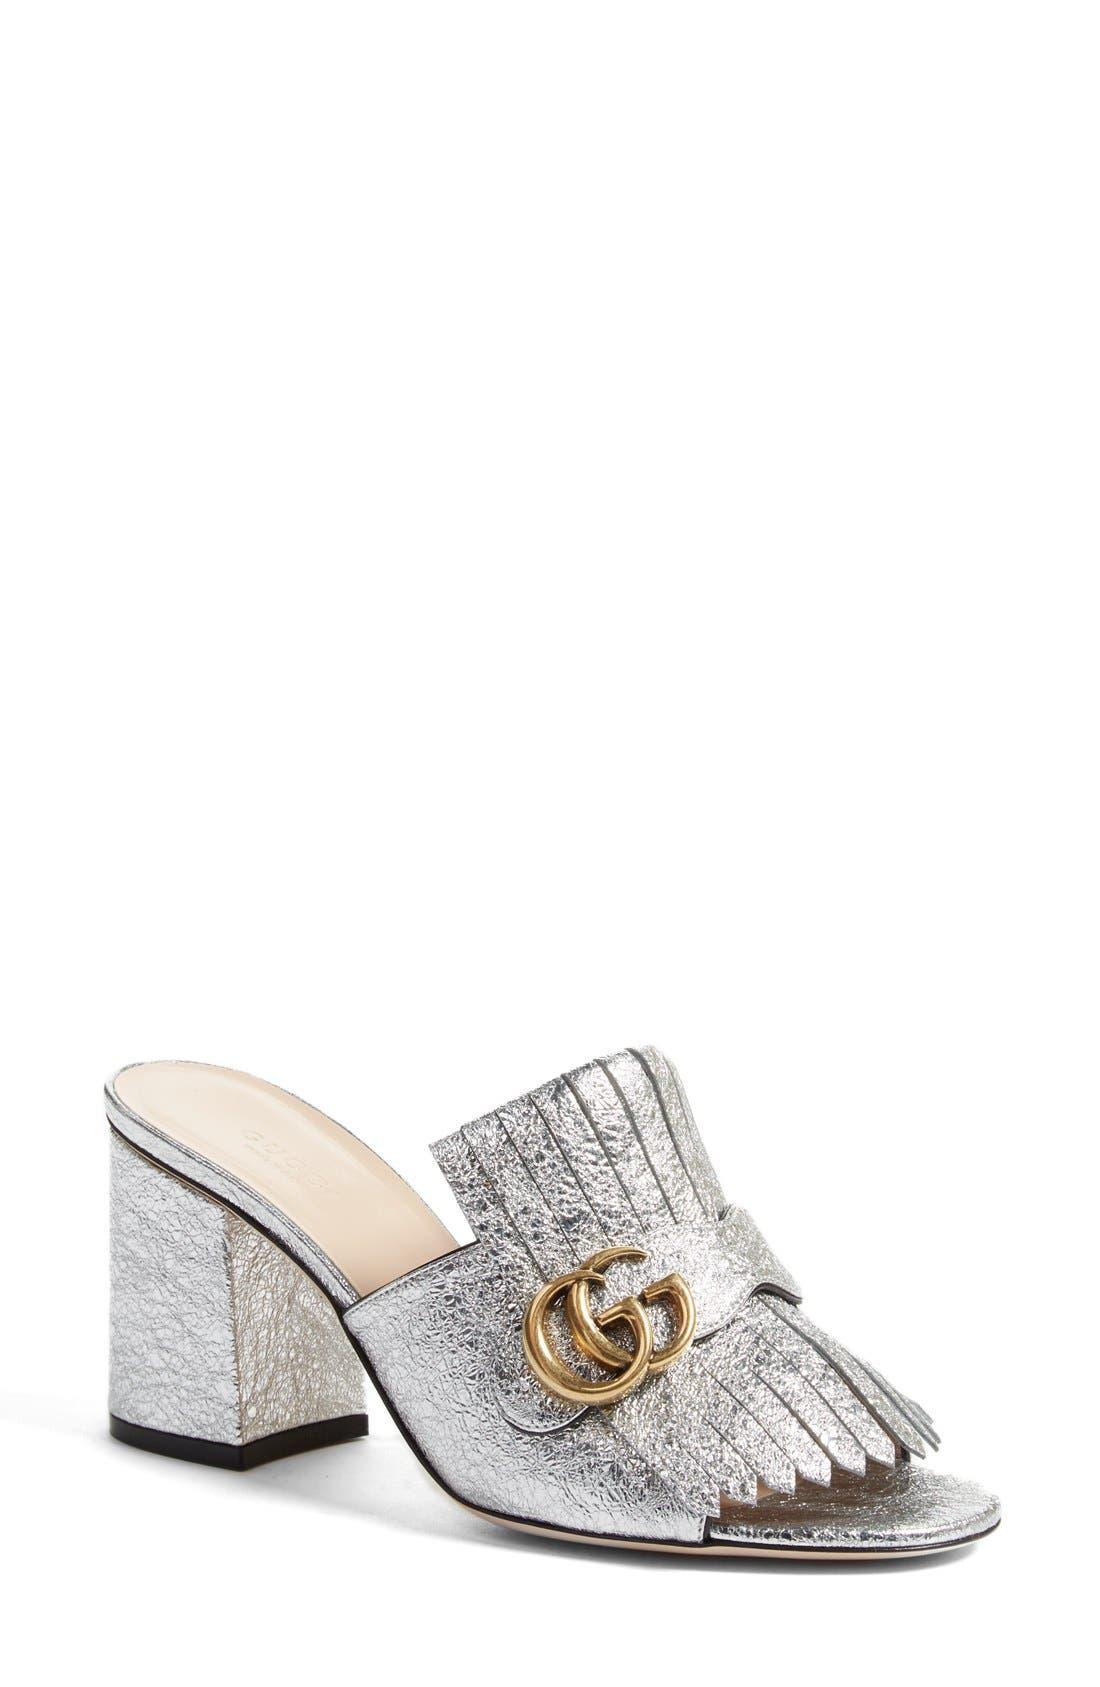 Gucci GG Marmont Peep Toe Kiltie Mule (Women)